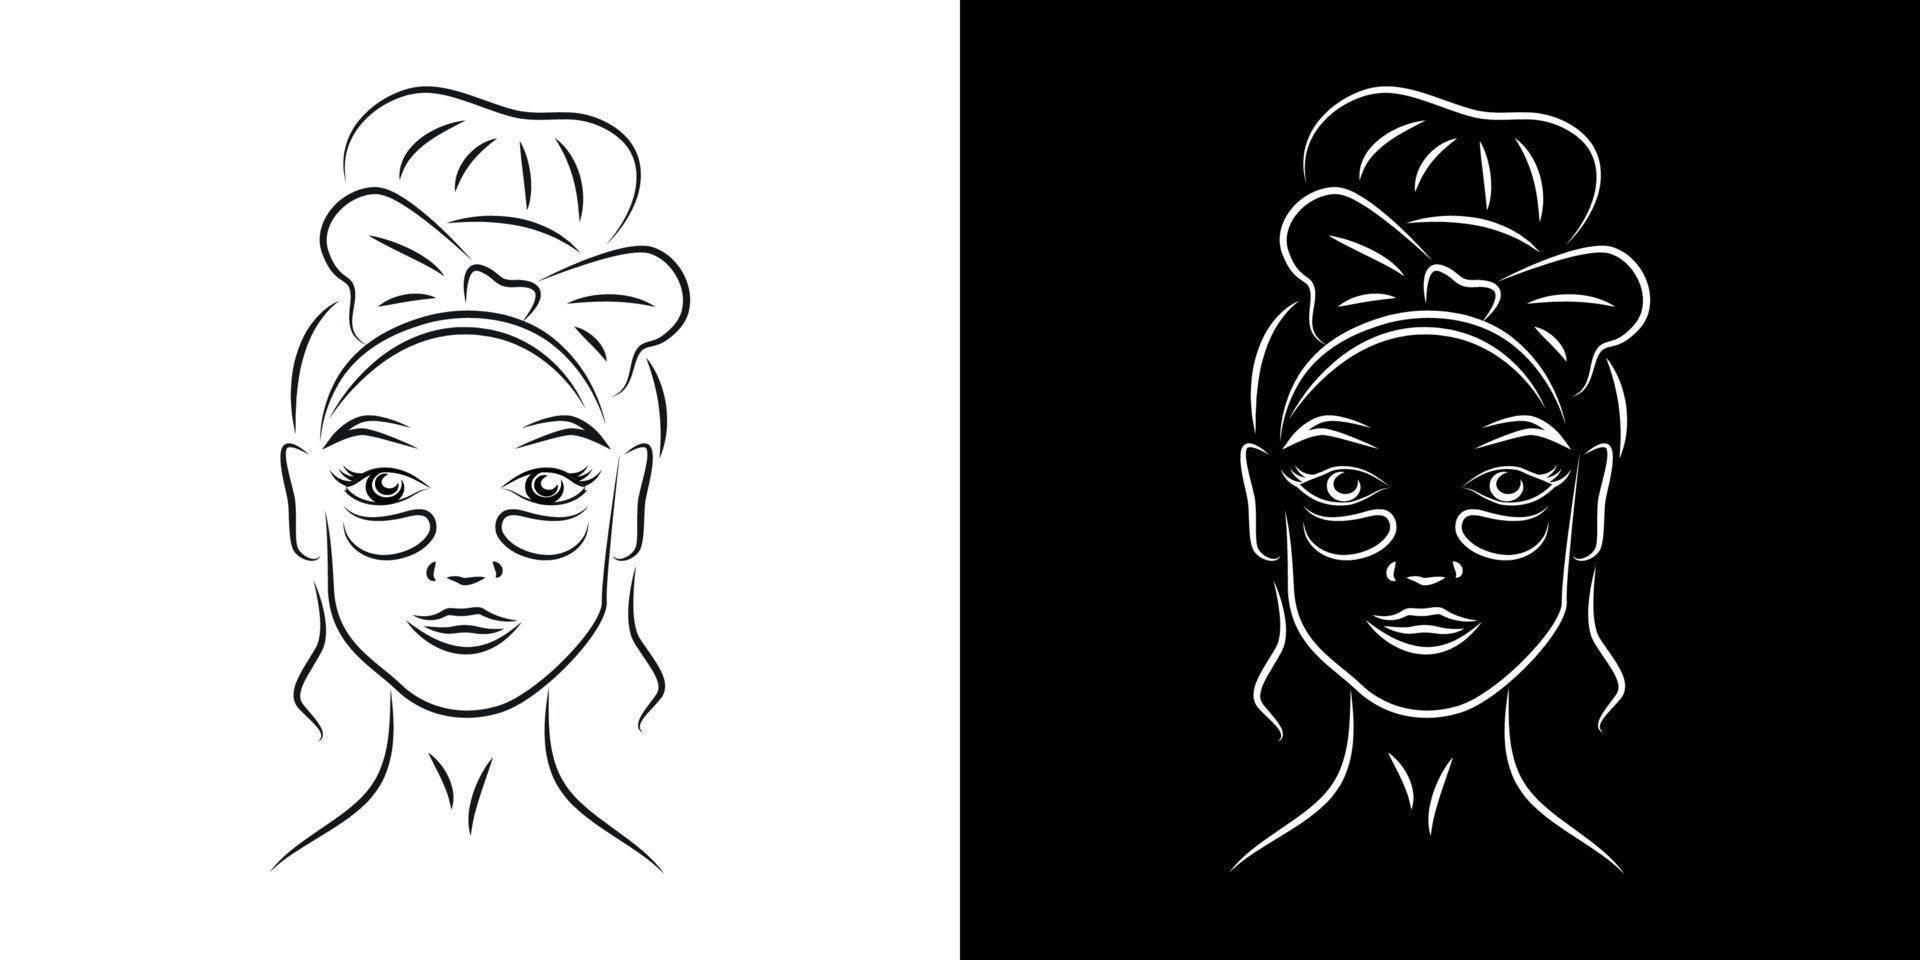 kvinna med under ögonlappar kontur porträtt vektorillustration. flicka ansikte med hudvård produkt realistiska konturteckningar. lady ögon mörka cirklar behandling disposition karaktär på svartvita bakgrunder vektor